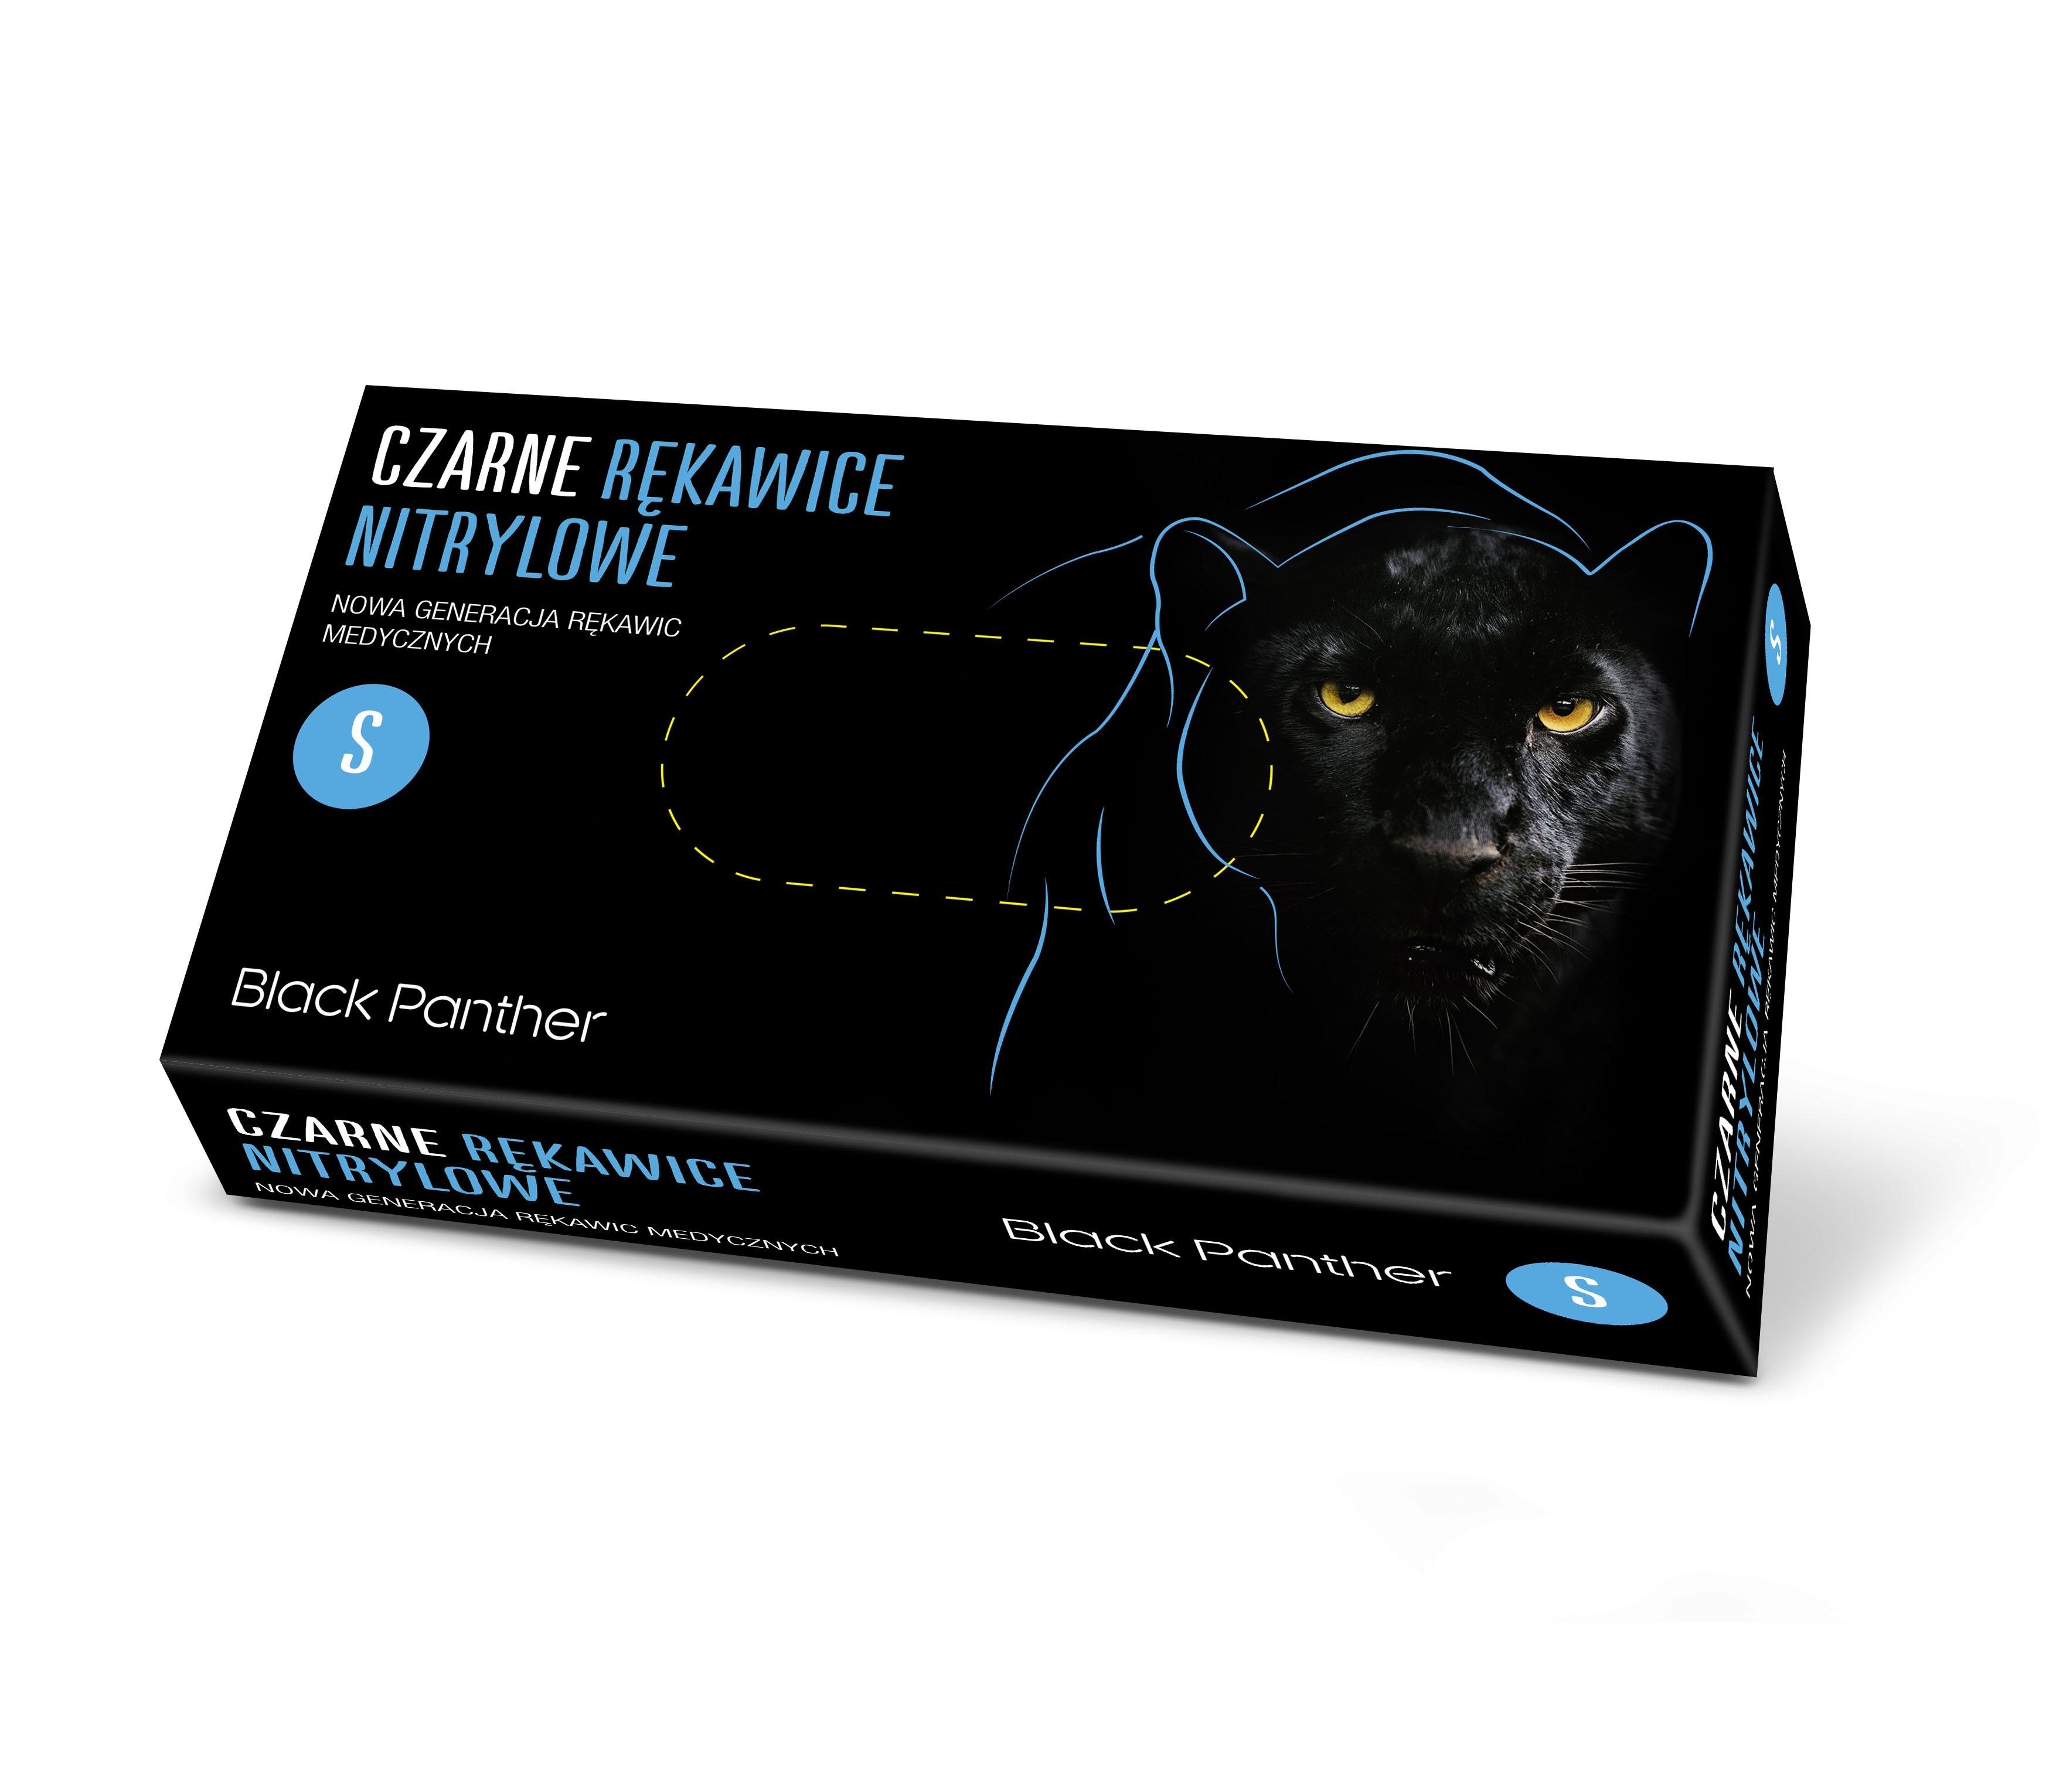 Rękawice nitrylowe czarne Black Panther